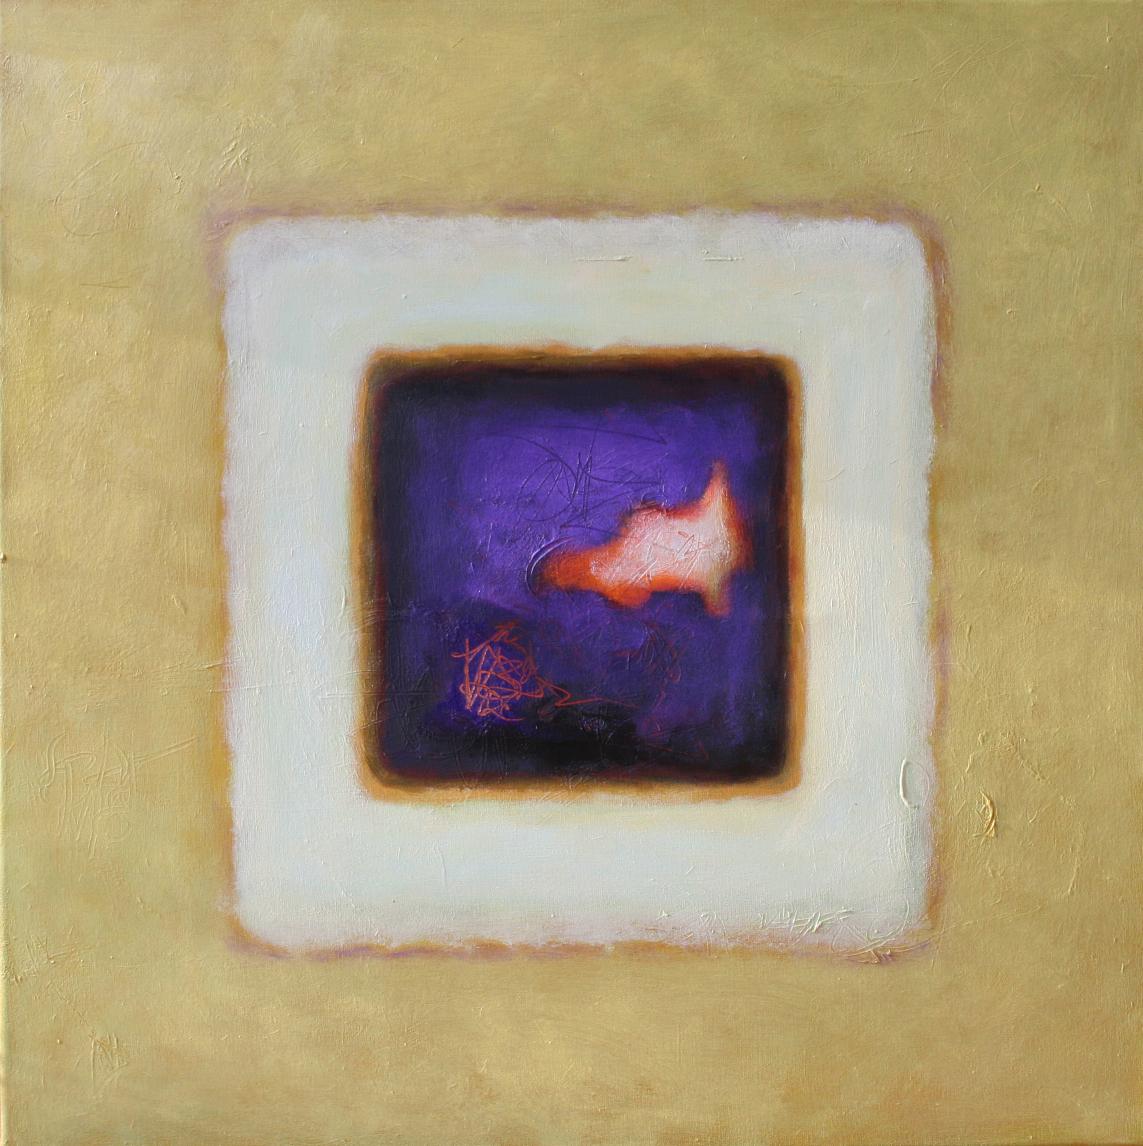 Karree mit Lila, Öl und Acryl auf Leinwand, 80 x 80 cm